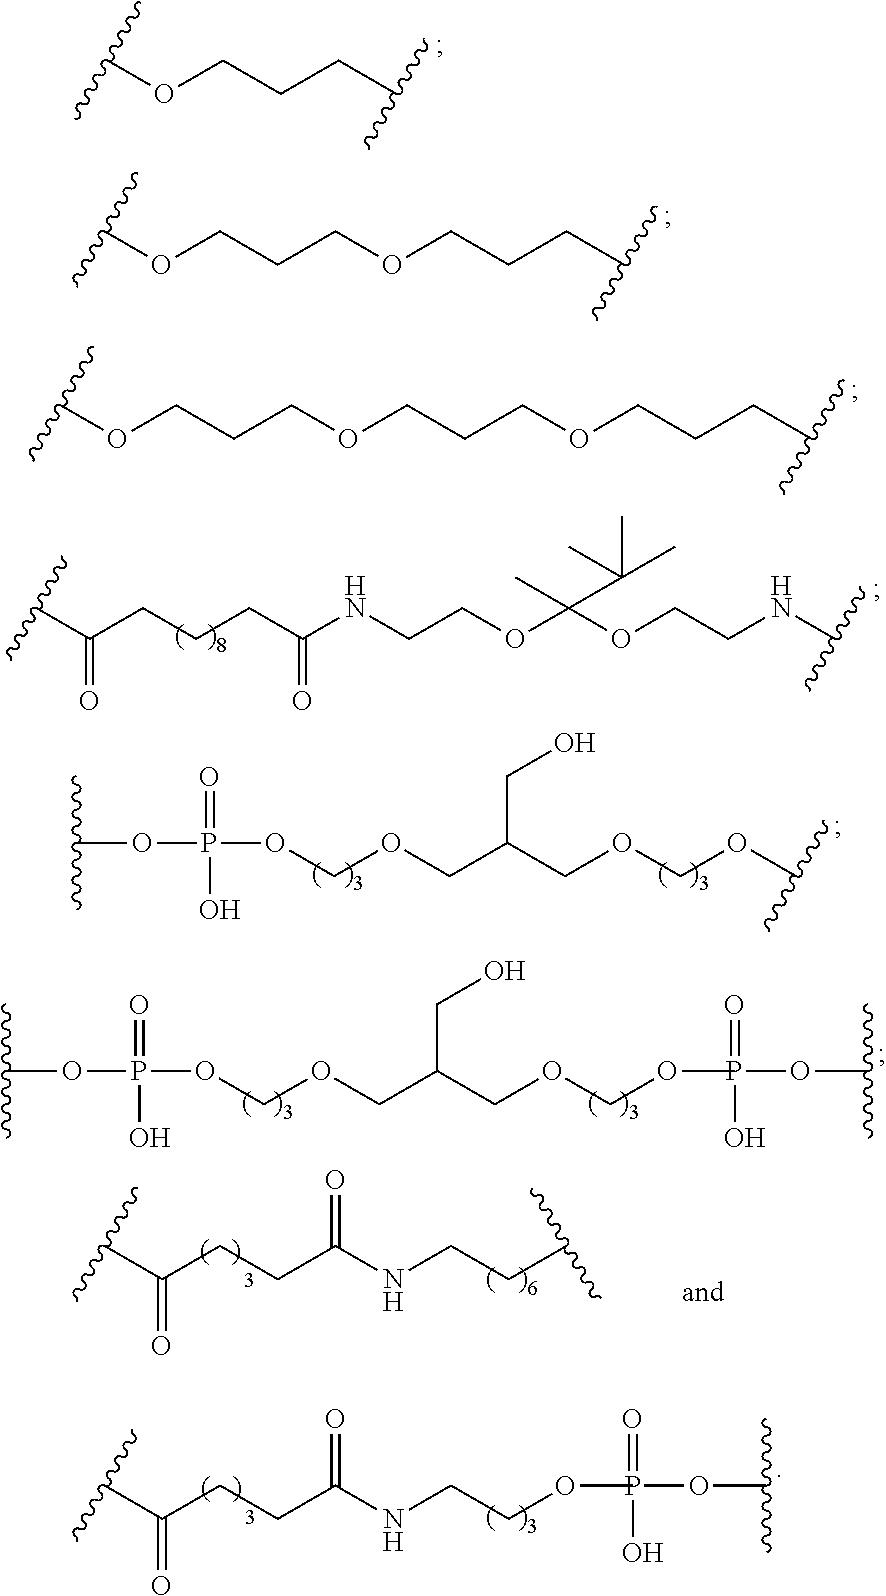 Figure US09932580-20180403-C00032